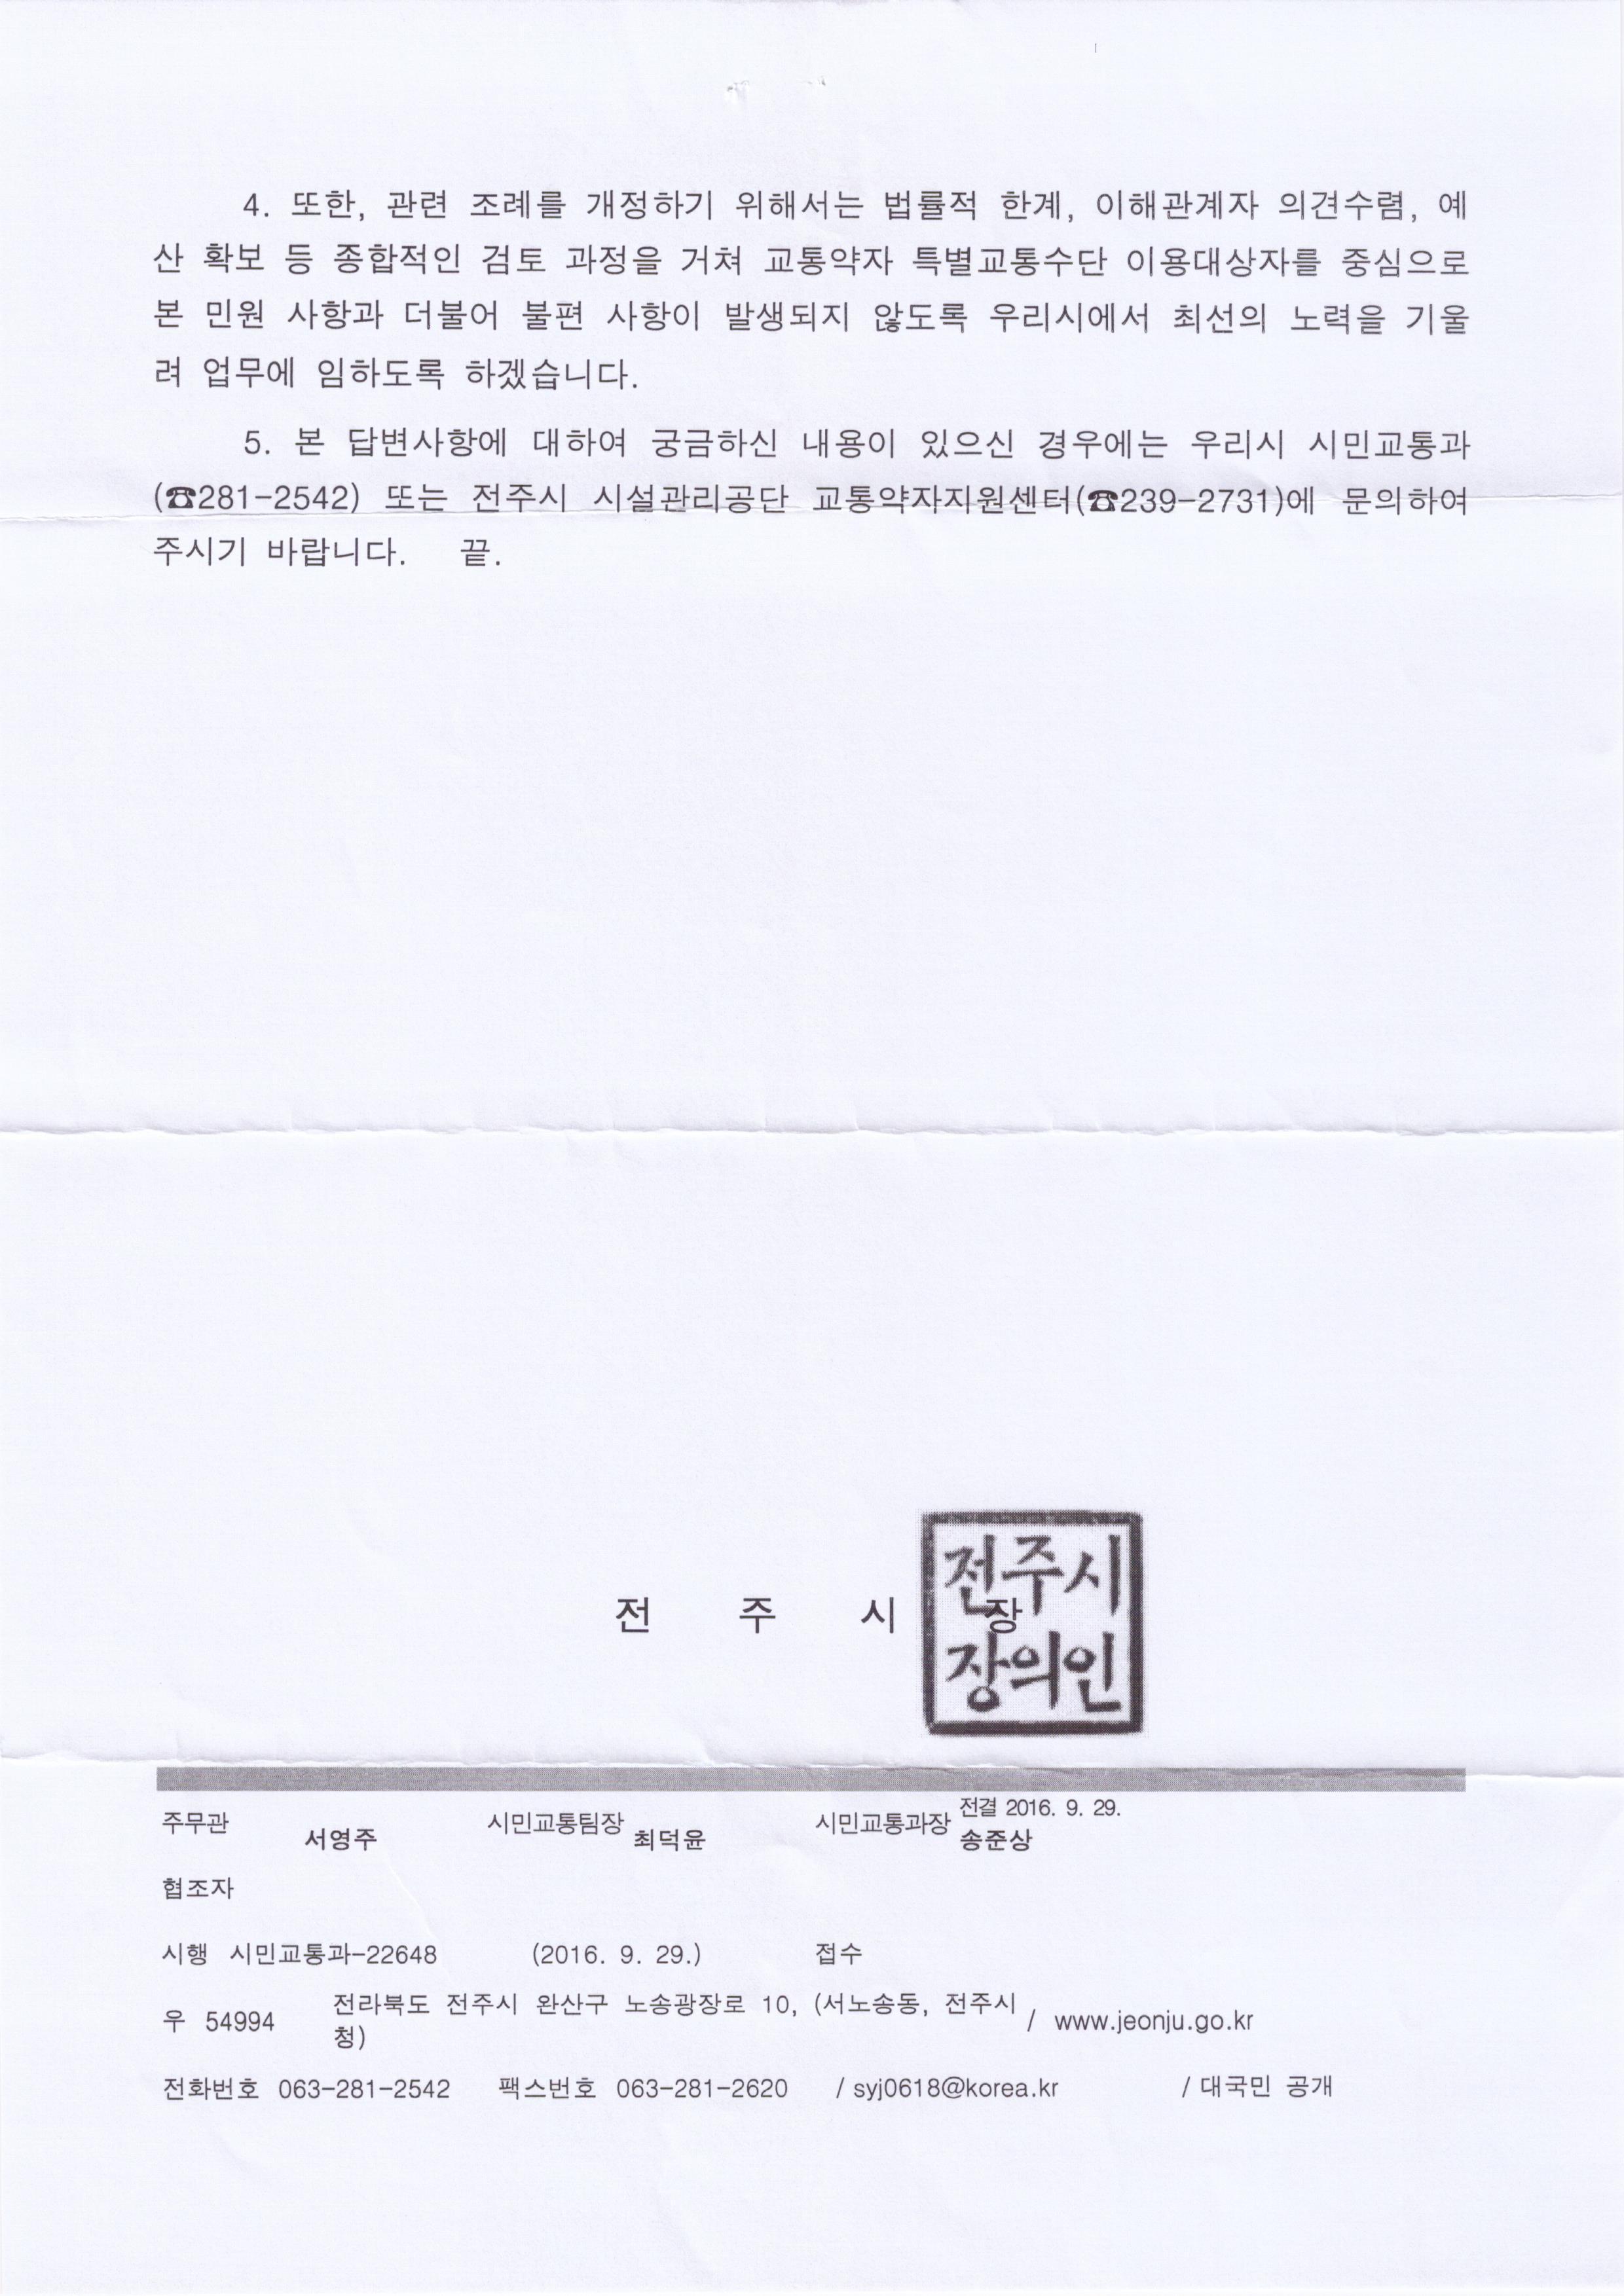 16.9.29_전주시 시민교통과-22648 002.jpg